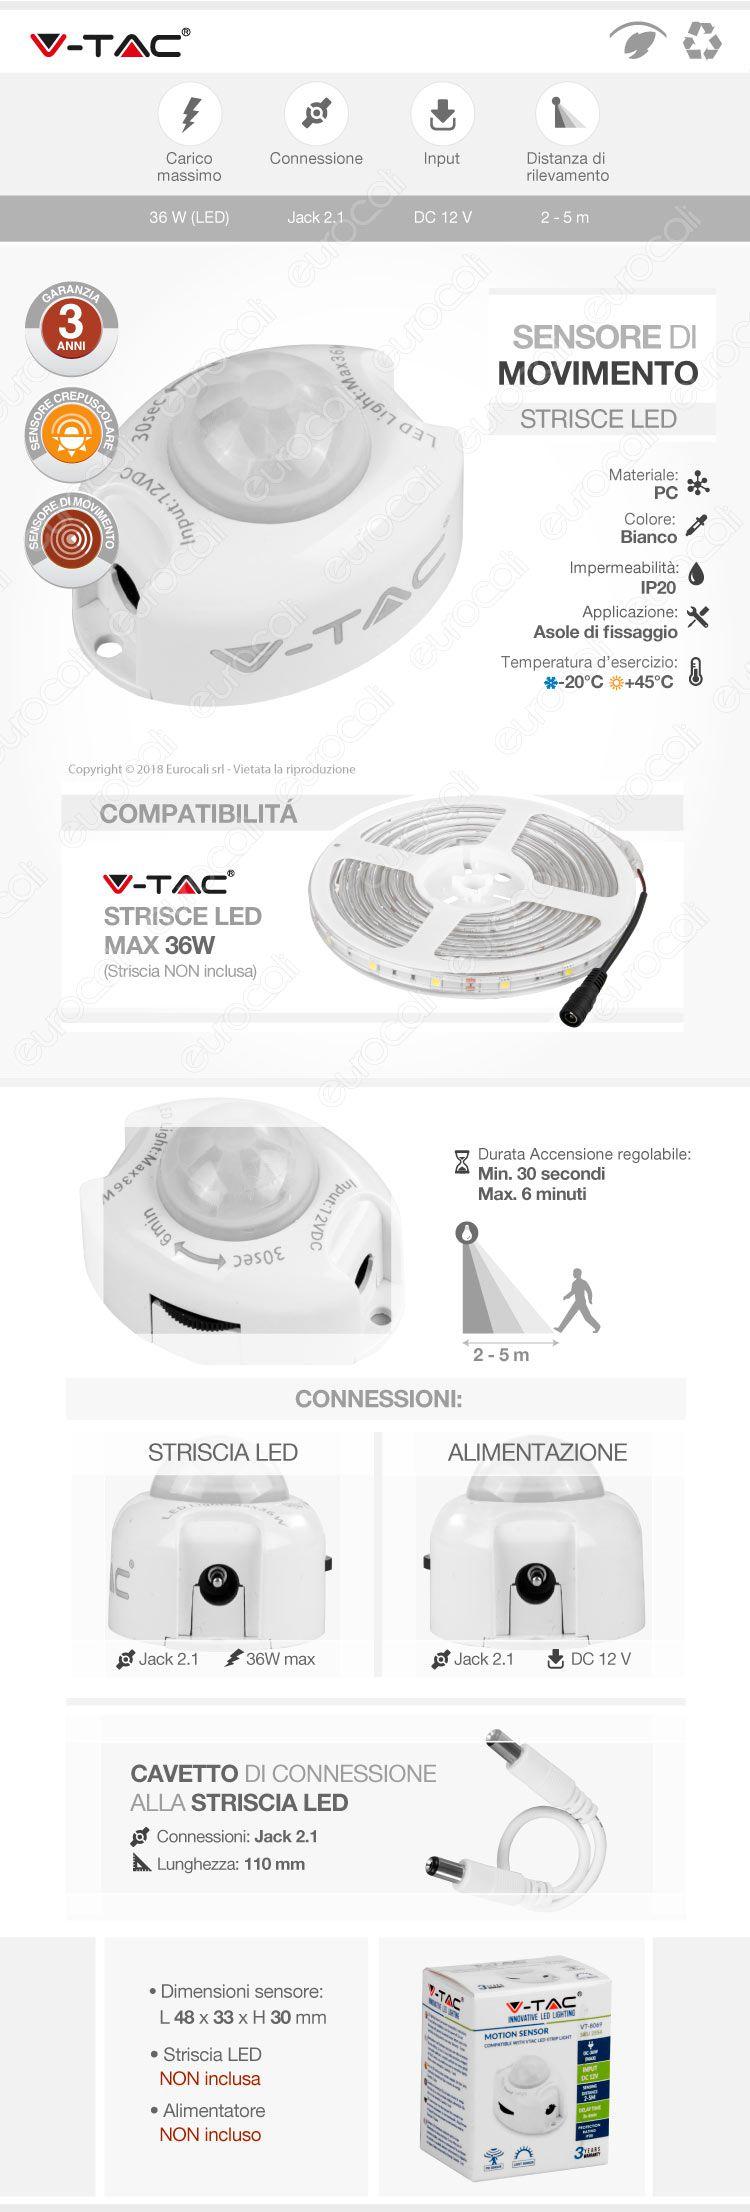 Sensore di movimento v-tac